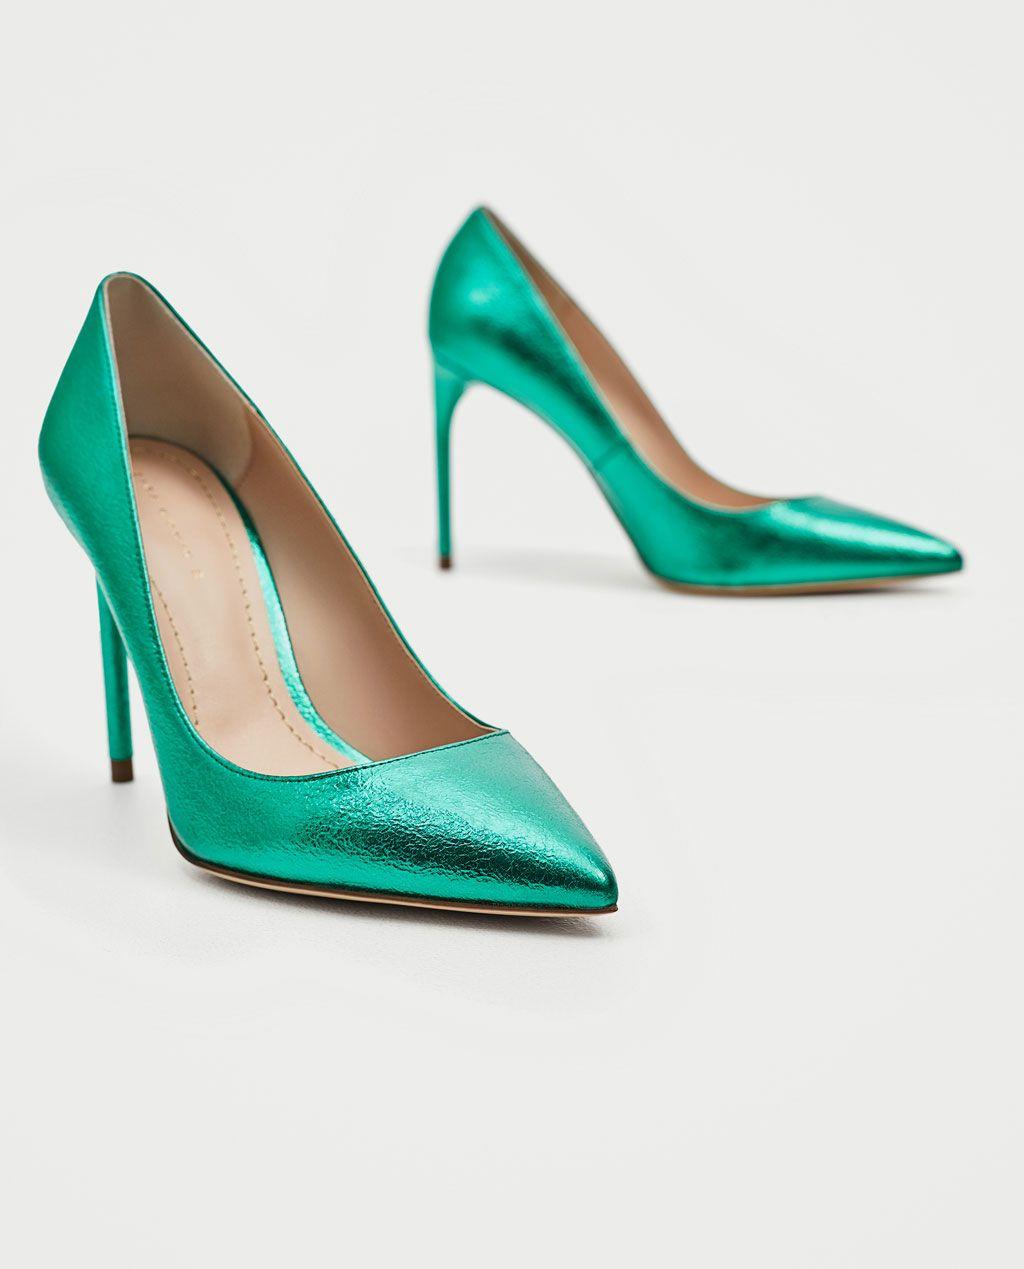 Green court shoes, Heels, Shoes women heels